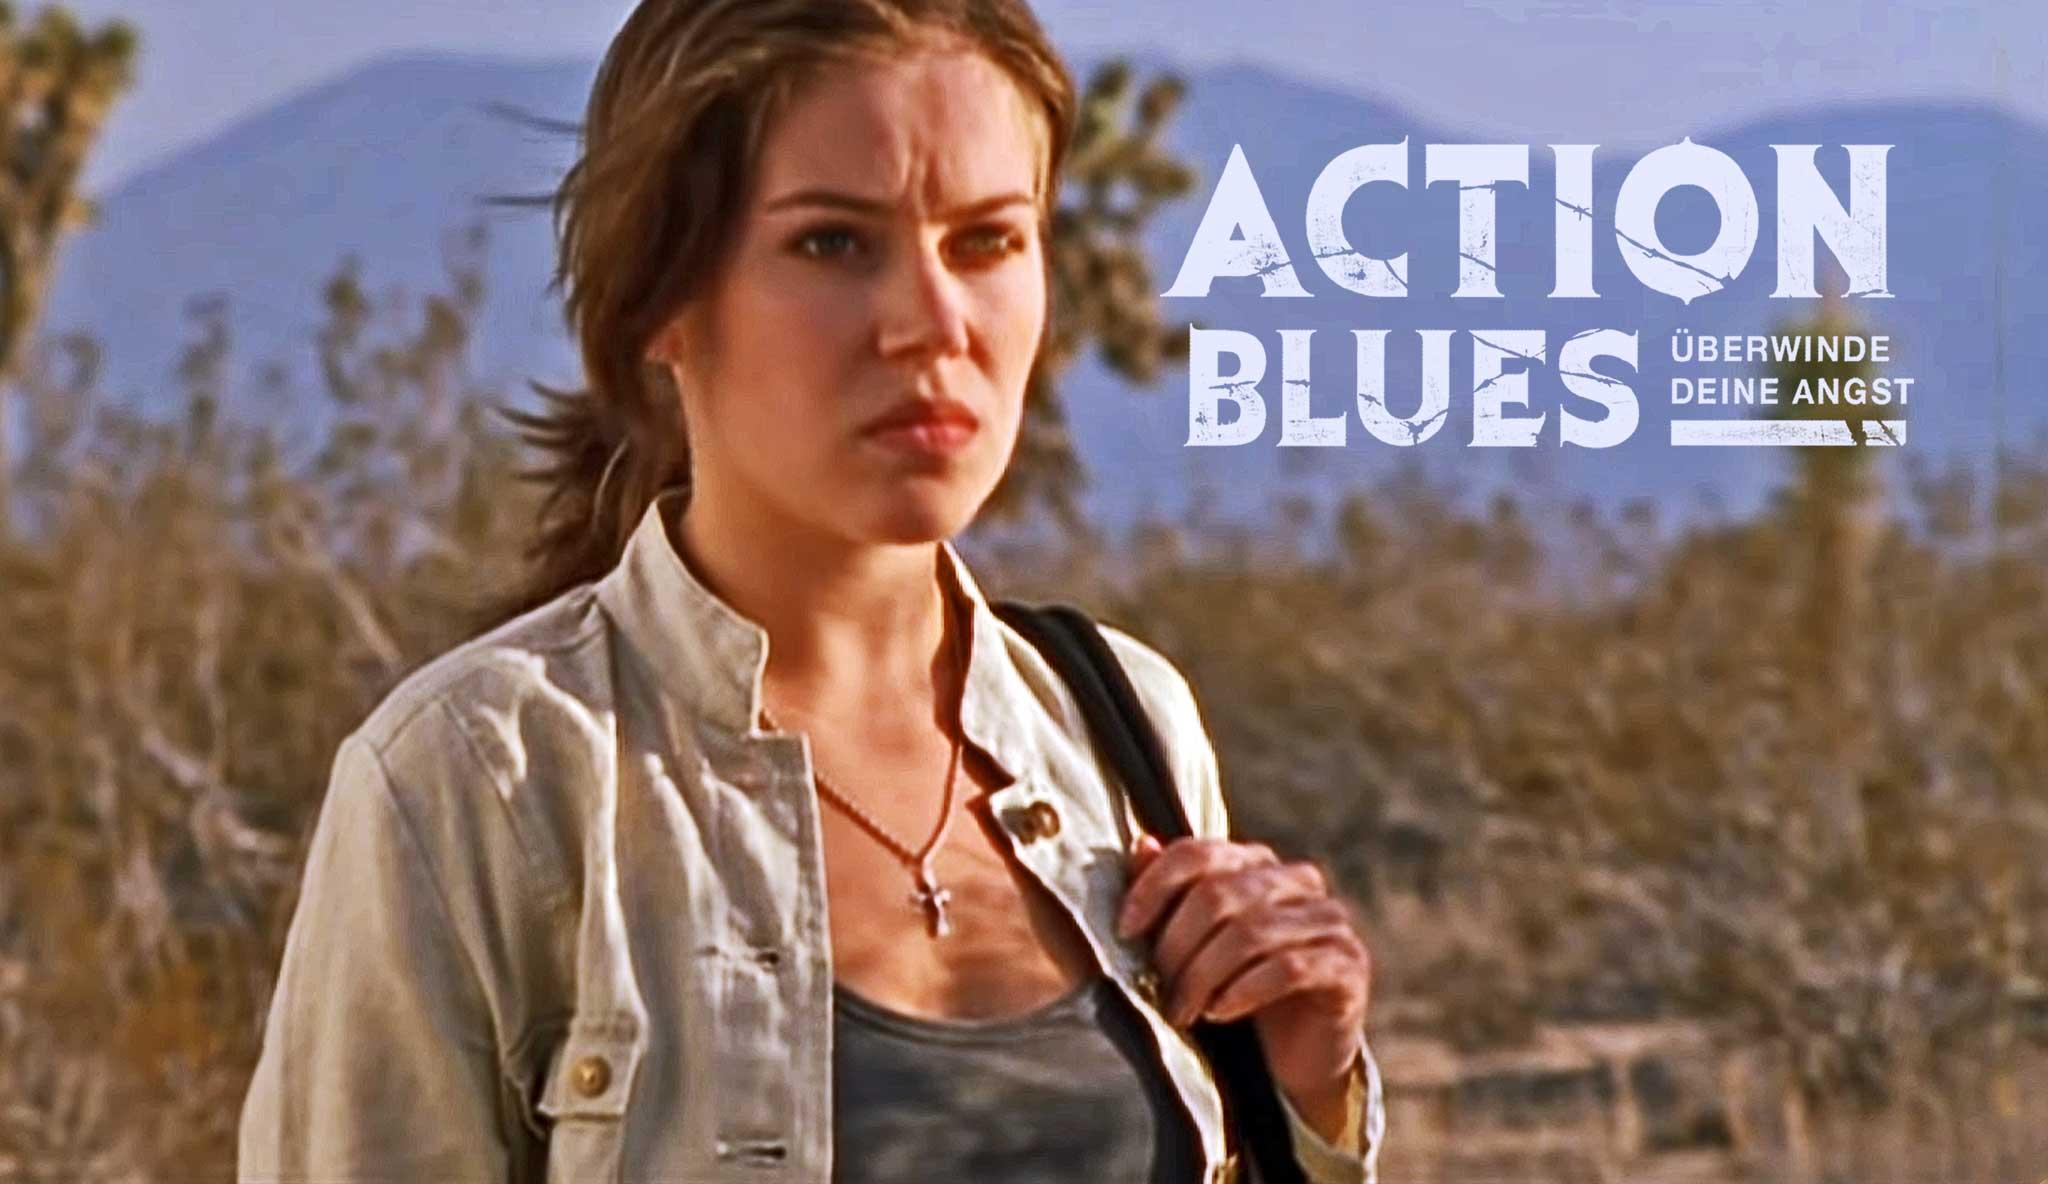 action-blues-uberwinde-deine-angst\header.jpg